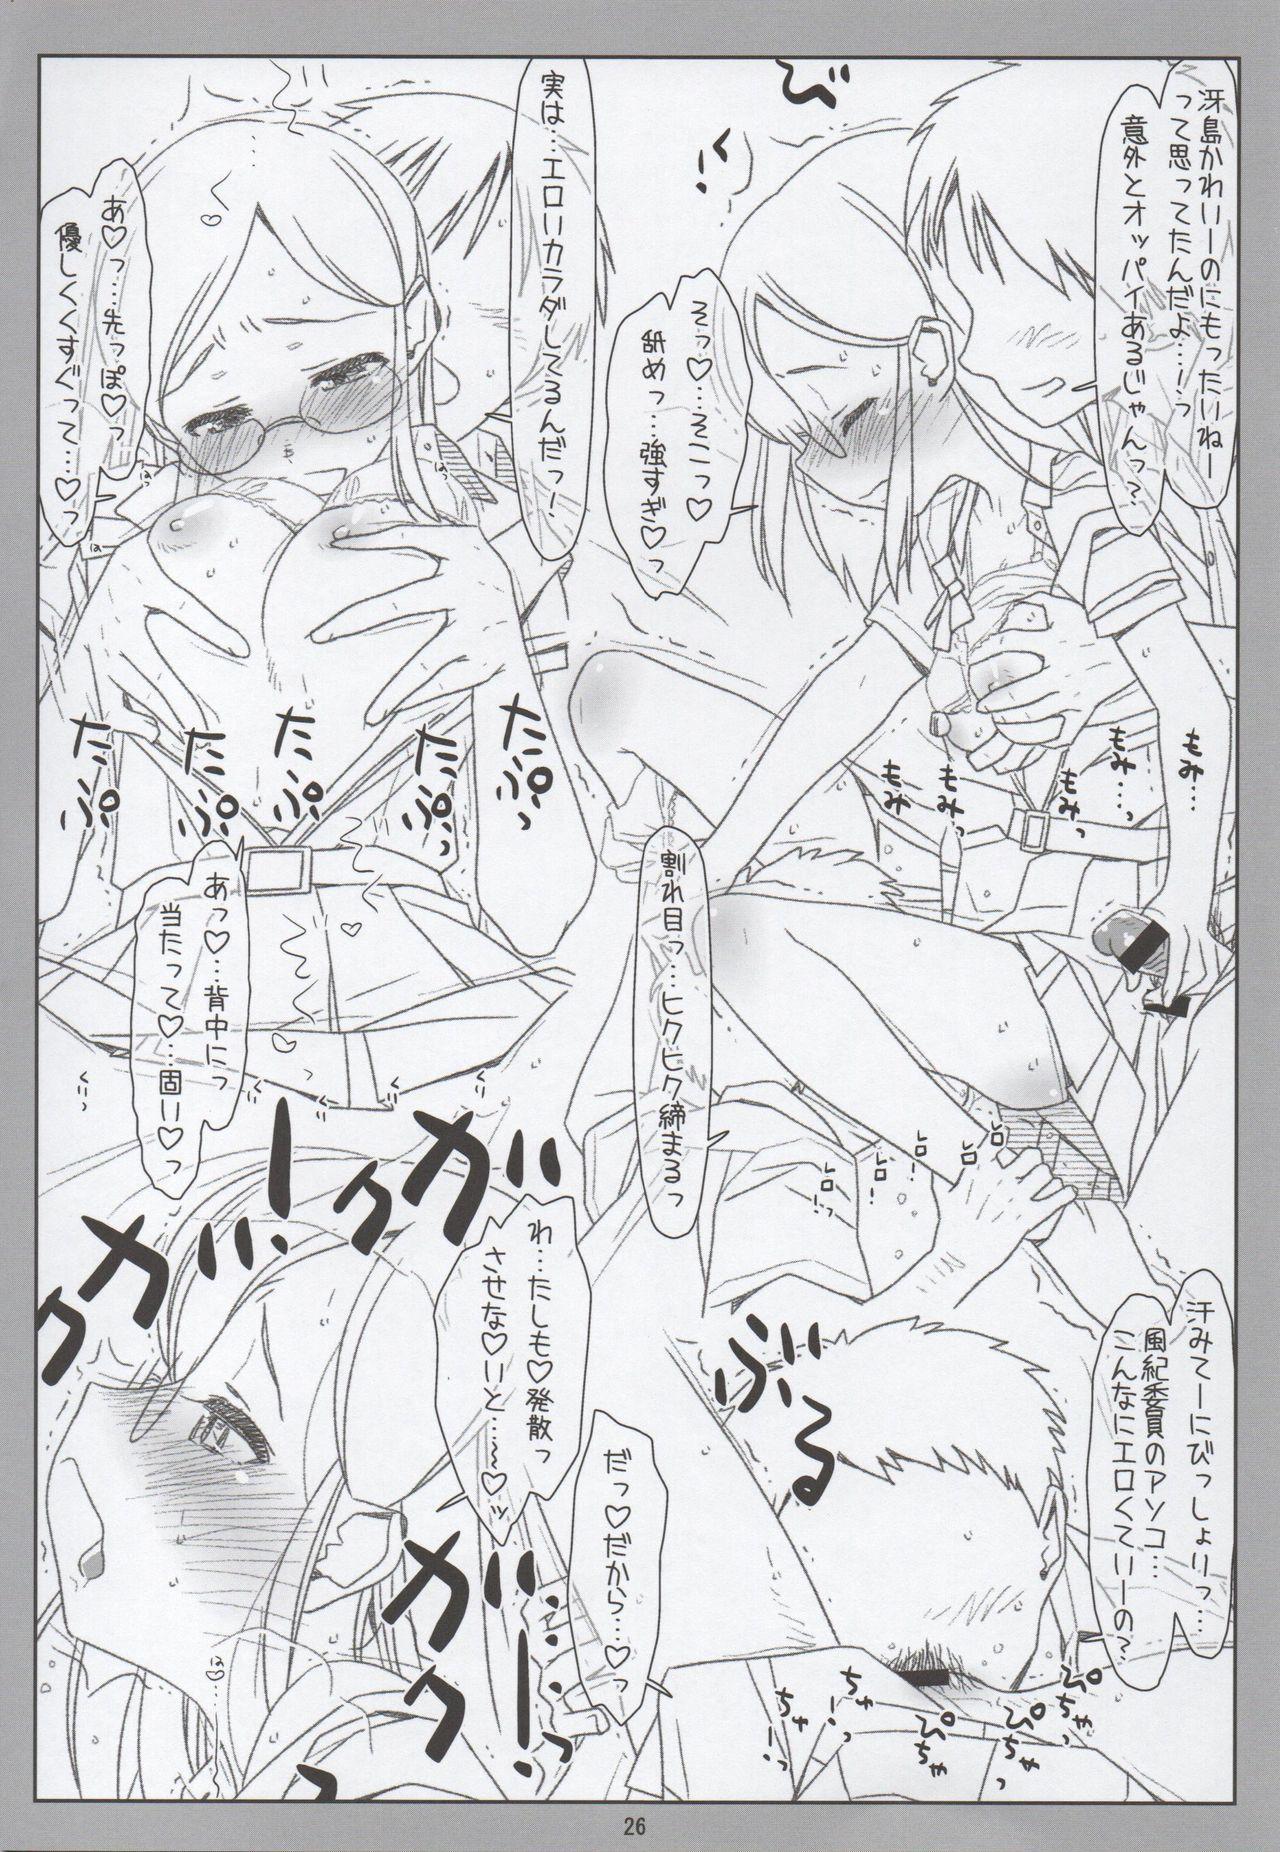 Chou Fuuki Iin no Mizugi ga Erokatta no de Tsukutta Hon 24